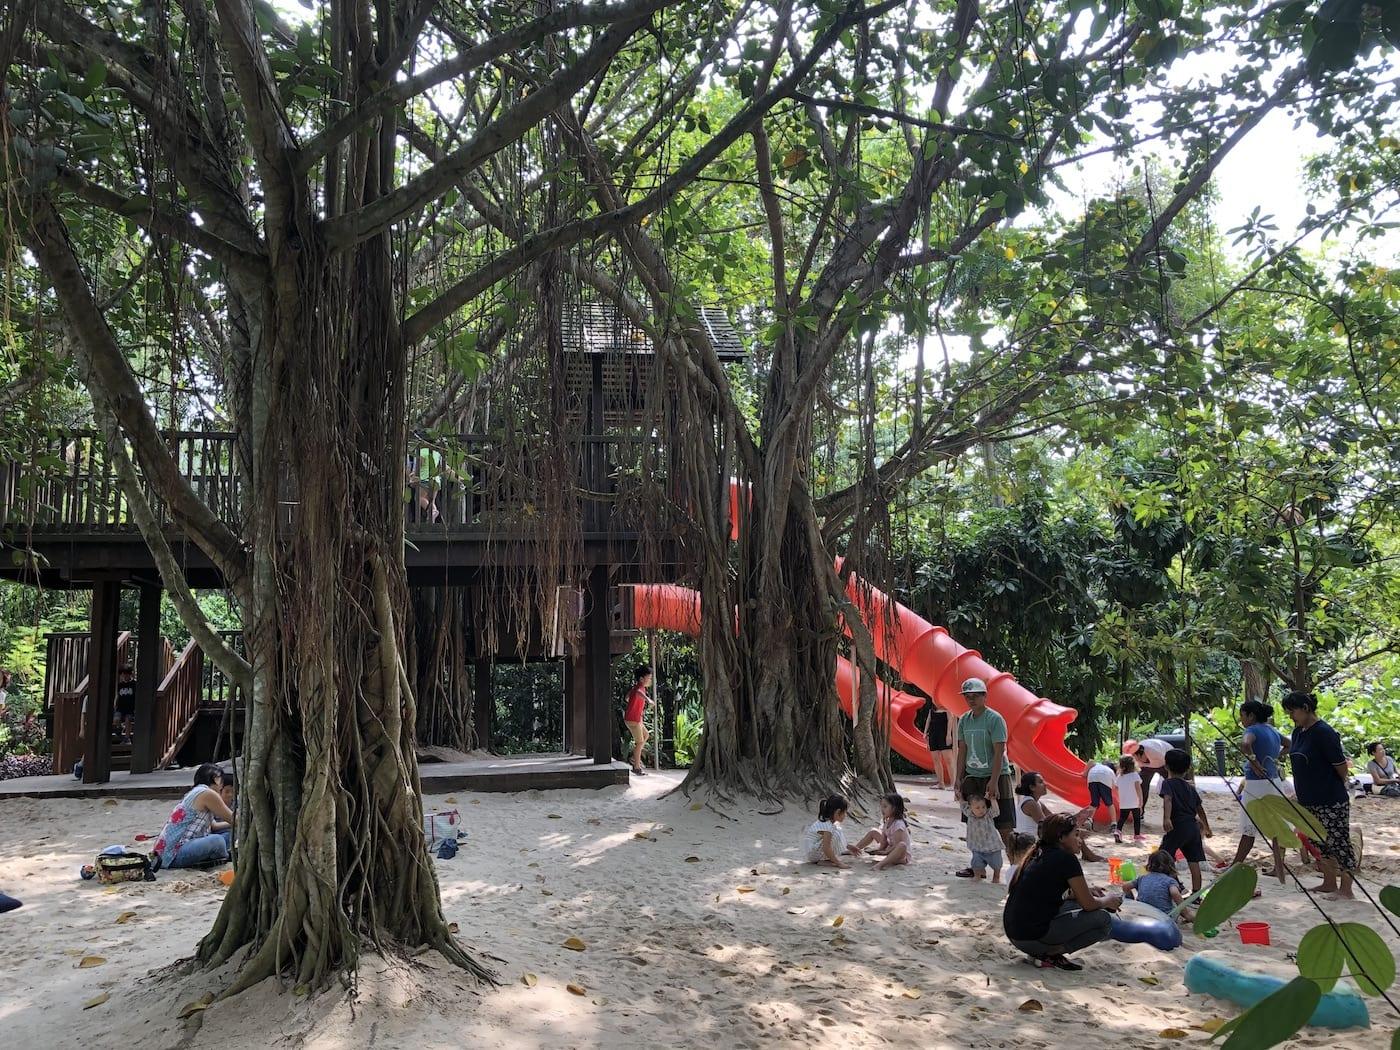 singapore botanic gardens with kids play area